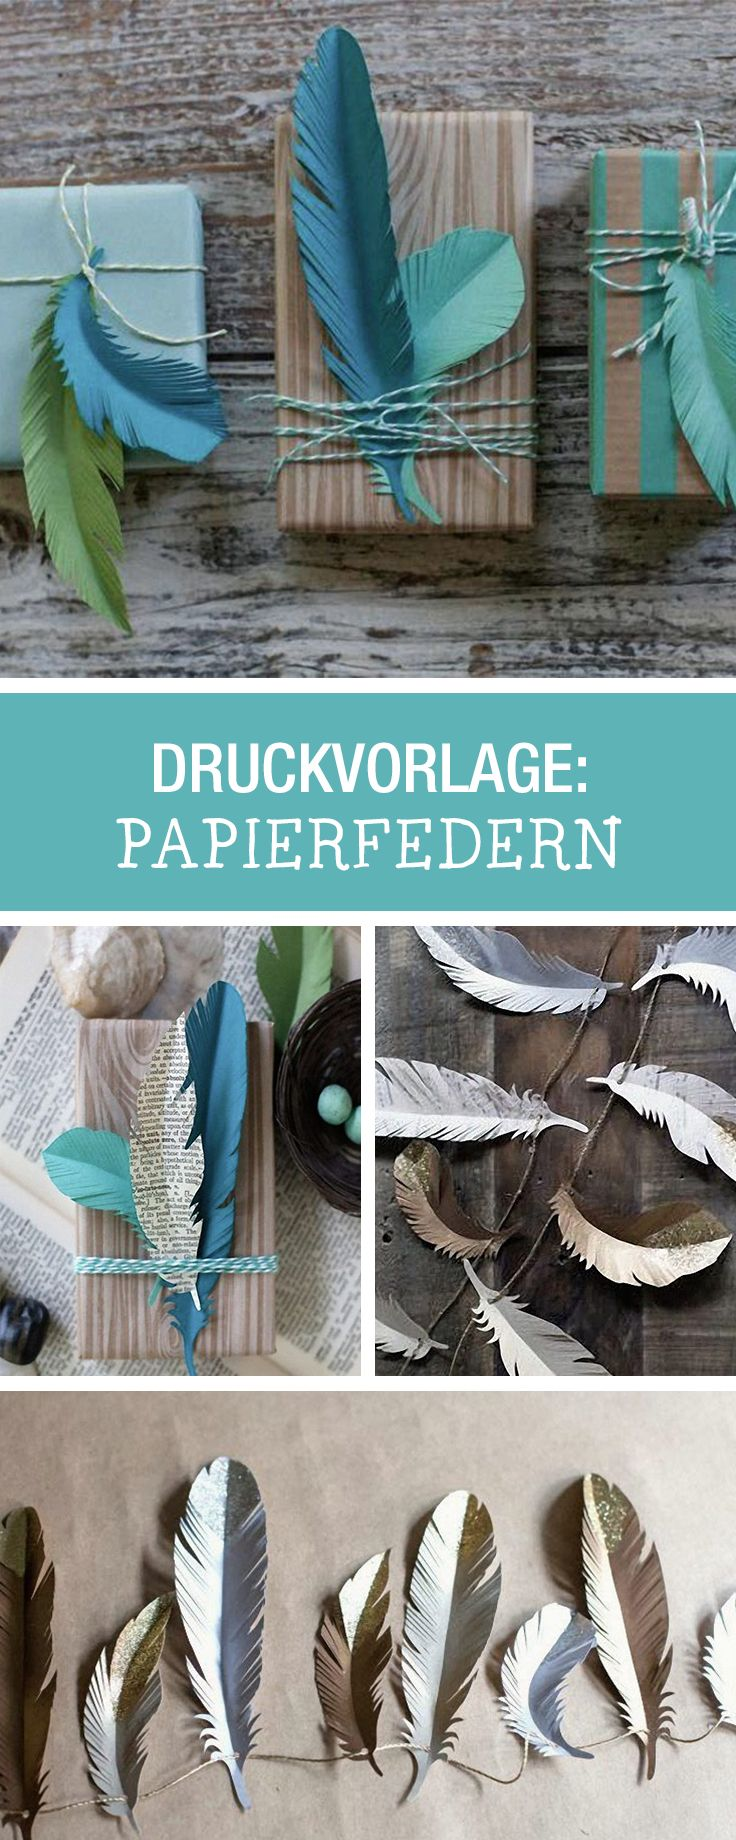 Druckvorlage für Federn, perfekt als Verzierung für Geschenke / printable for paper feathers, gift wrapping ideas via DaWanda.com